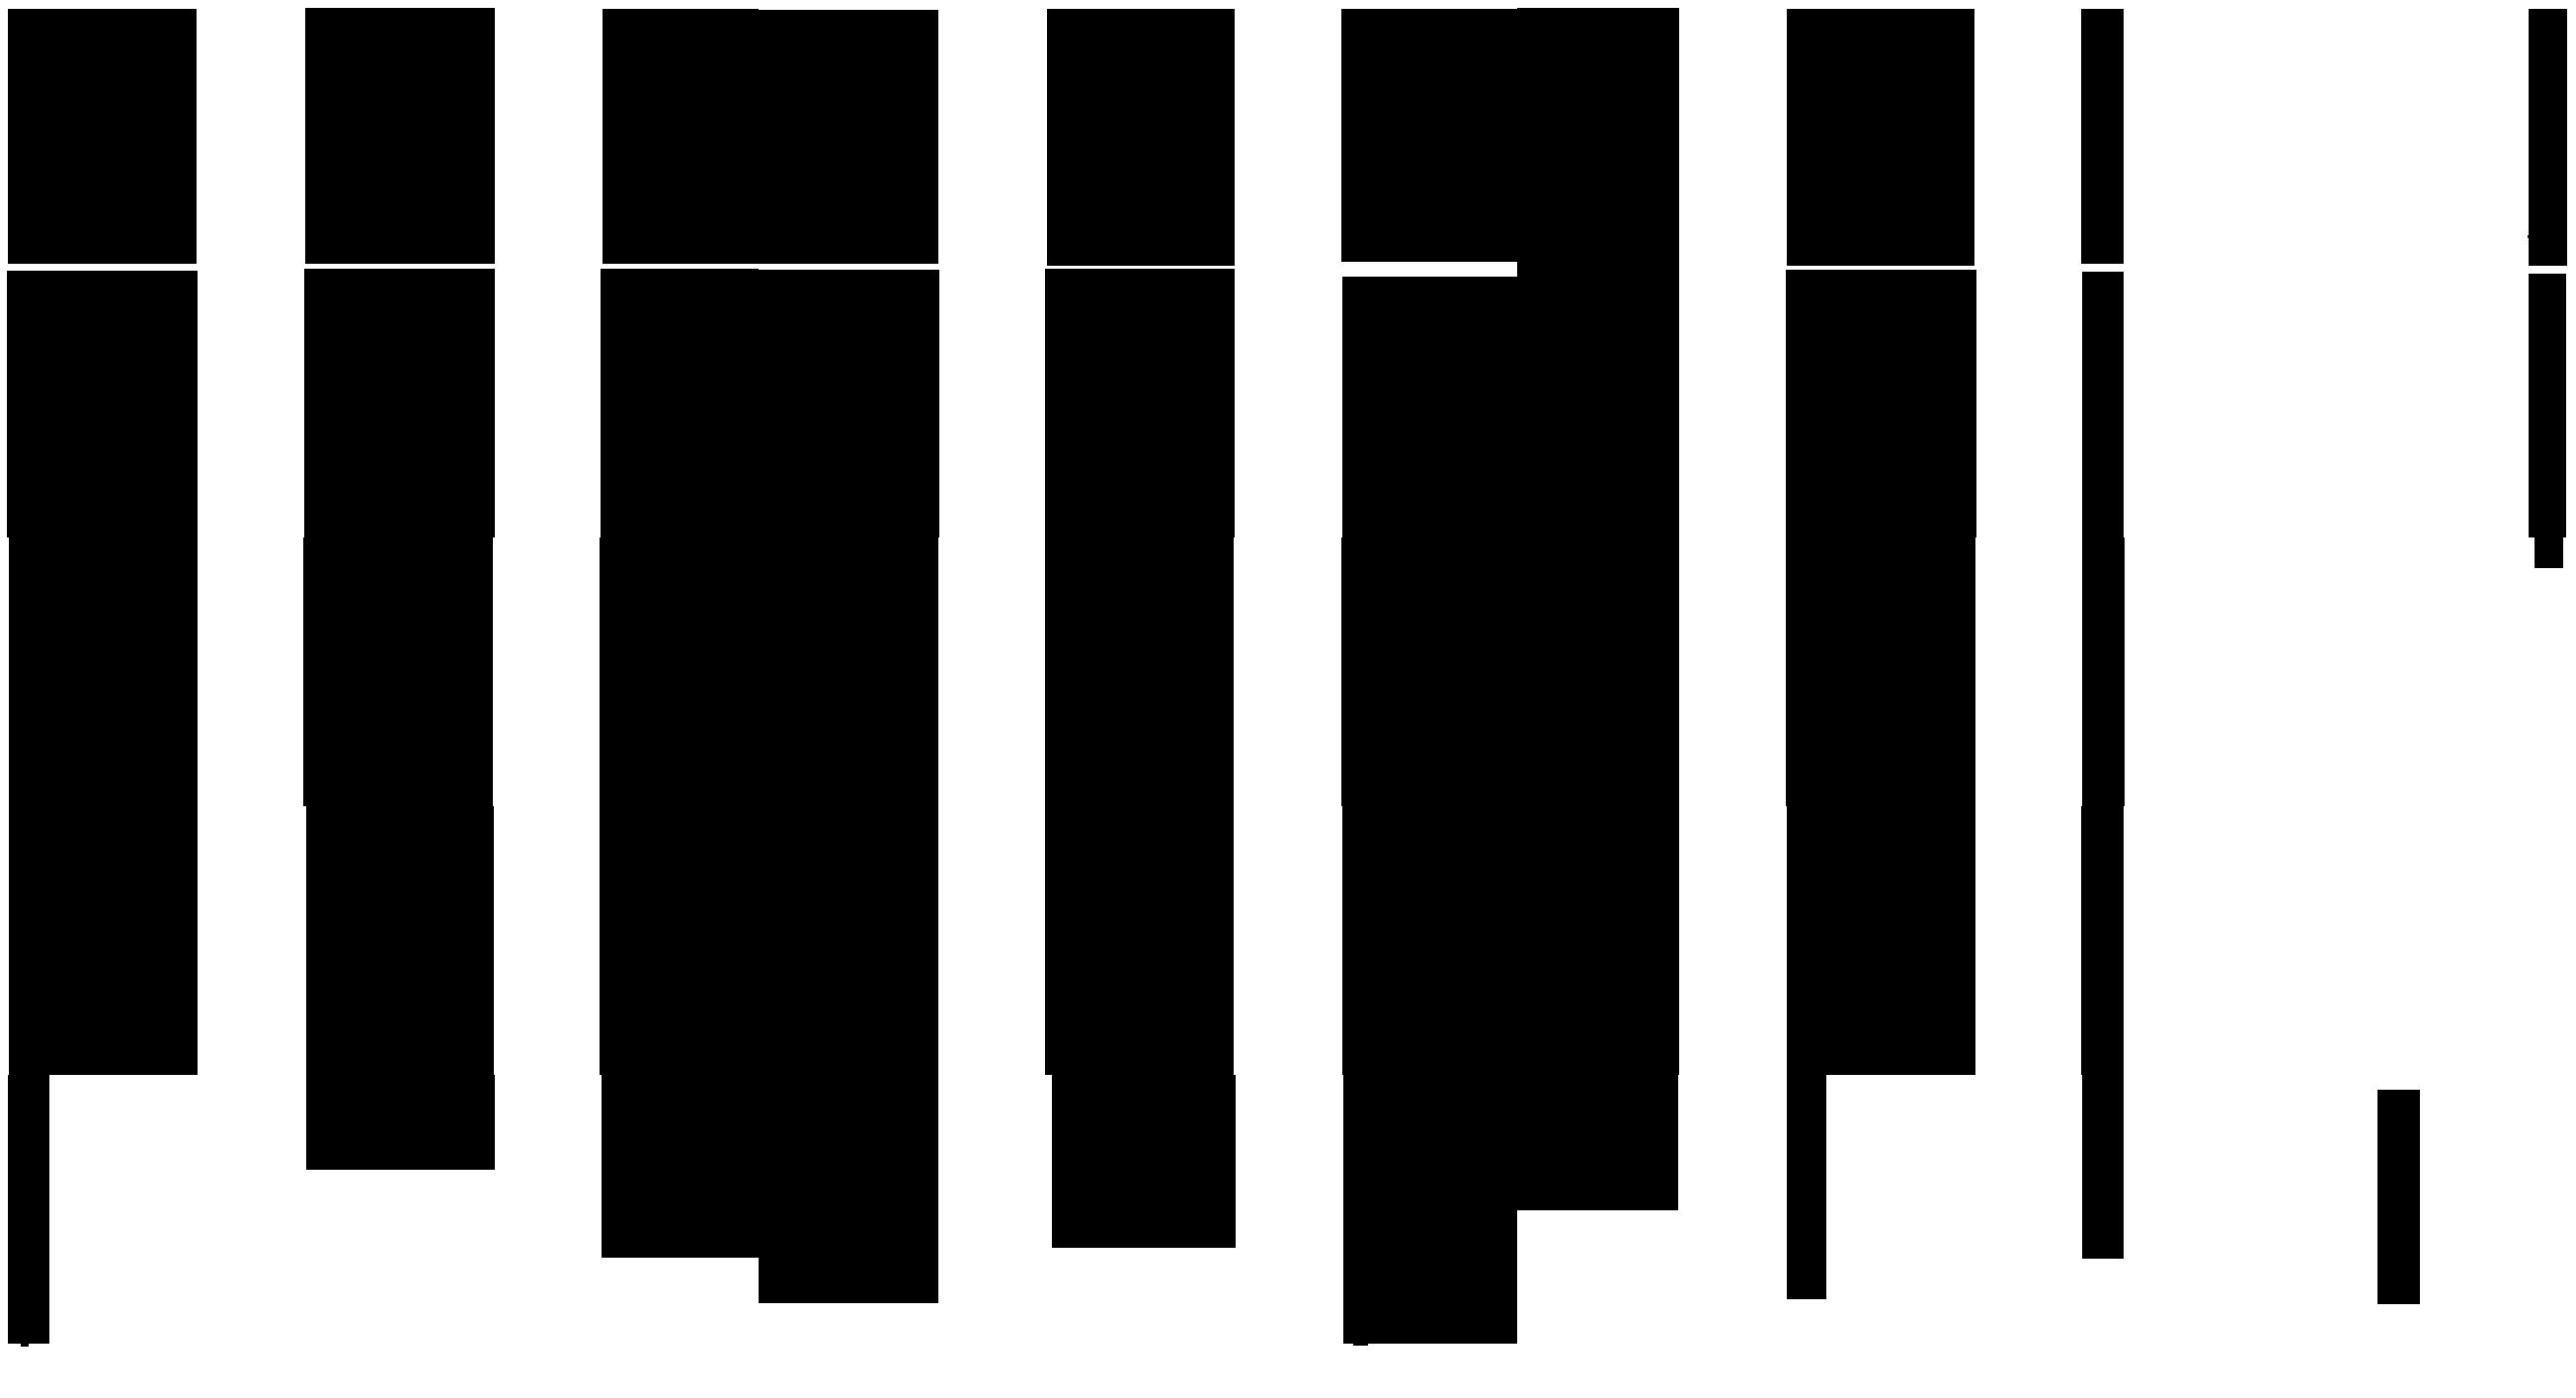 柳谷短歌130830